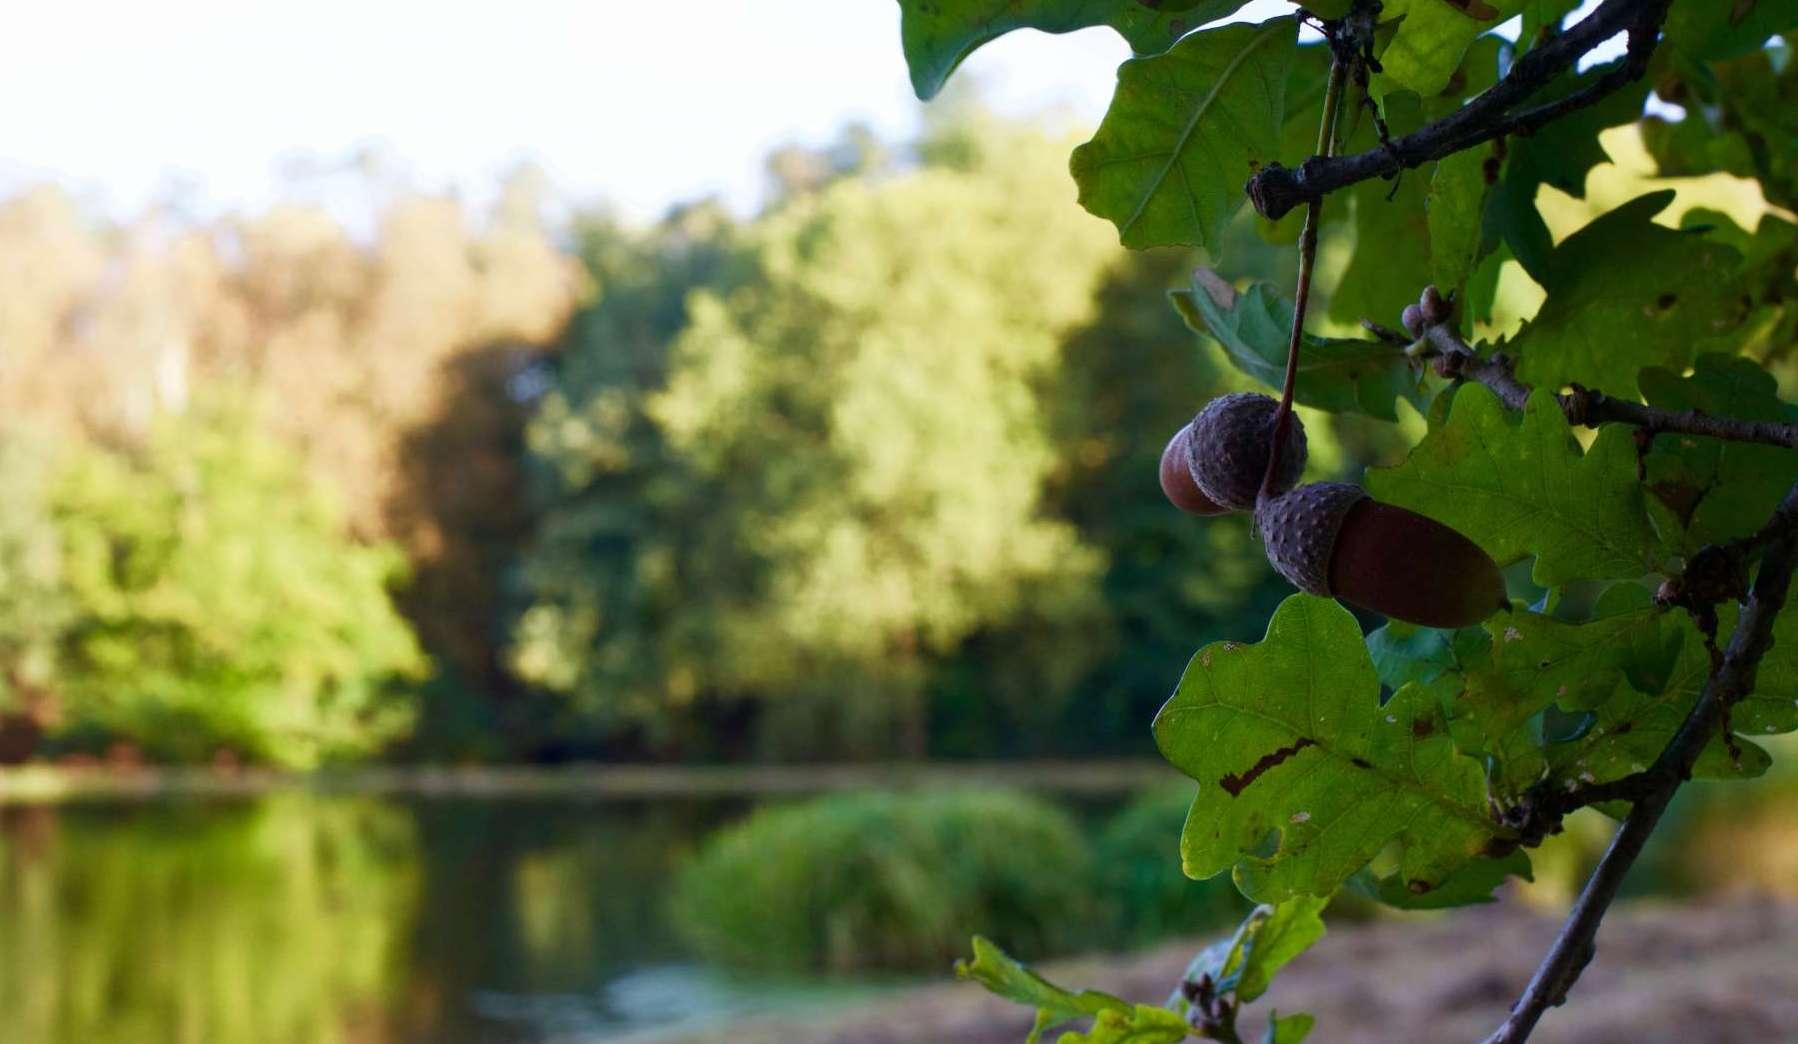 Gland de chêne au parc de Woluwe